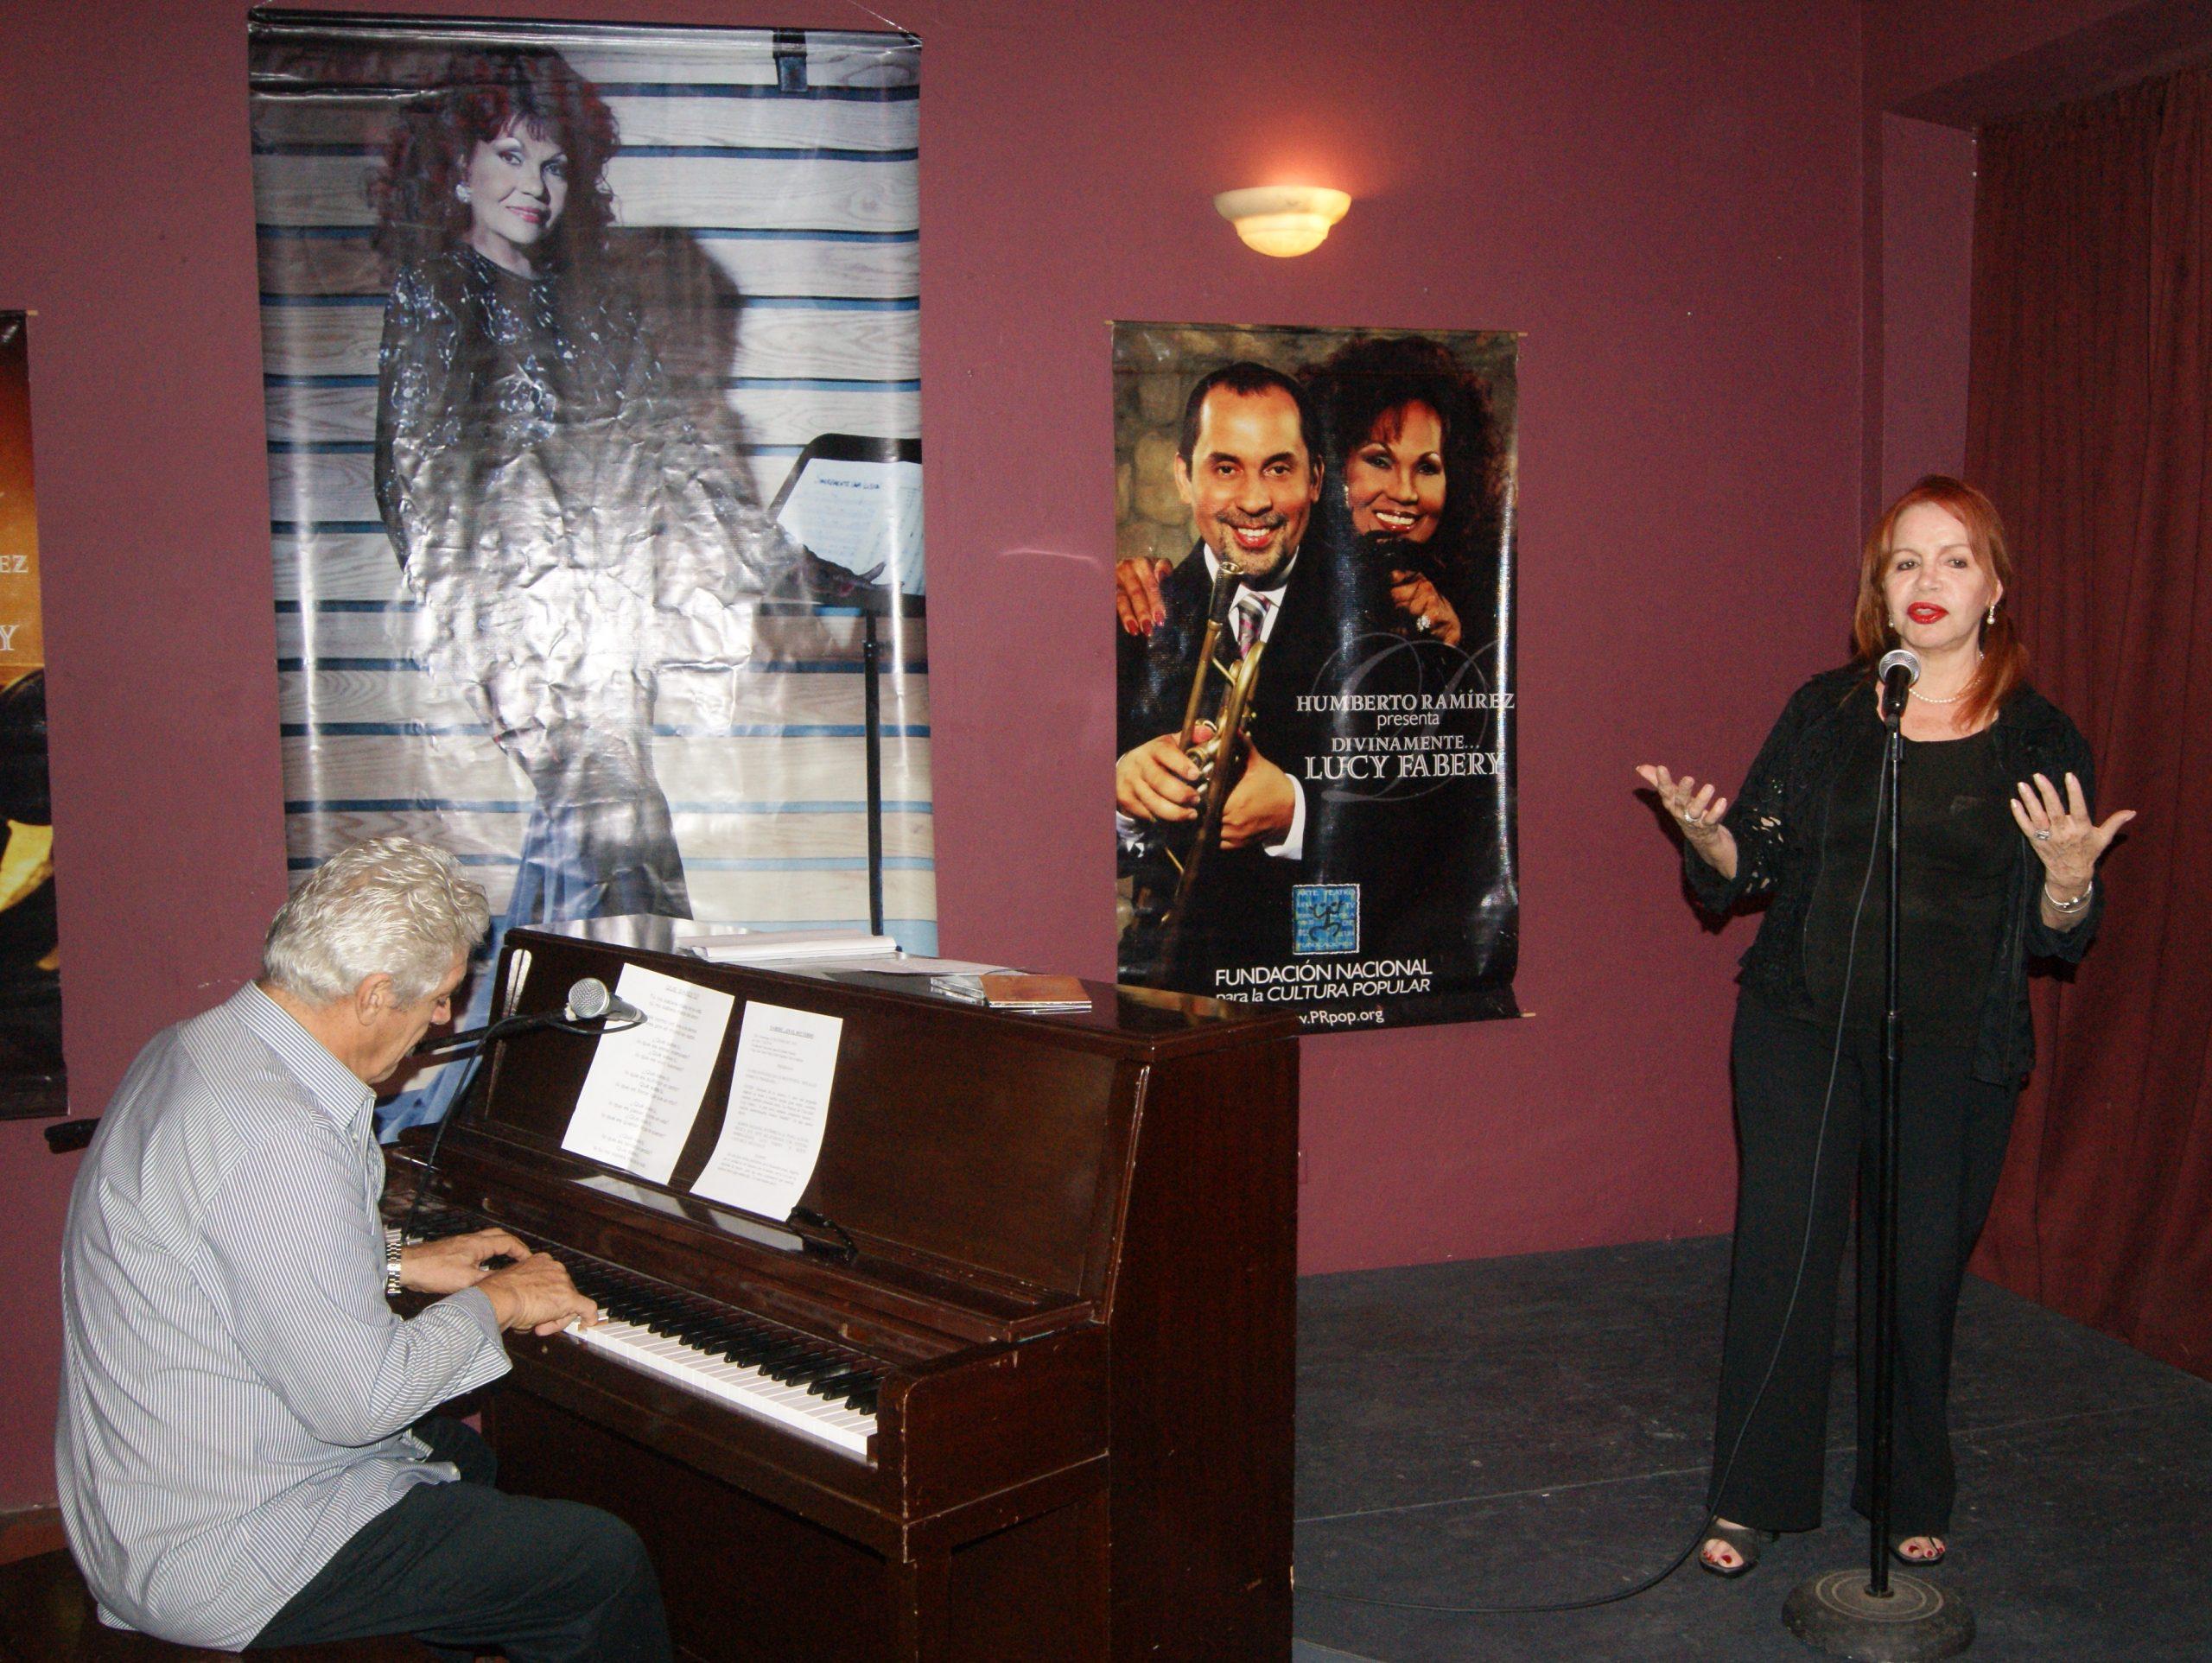 Vicky Hernández y Ramón Saldaña (al piano) iniciaron la actividad celebrada en el Viejo San Juan. (Foto Luis Ernesto Berriós para Fundación Nacional para la Cultura Popular)